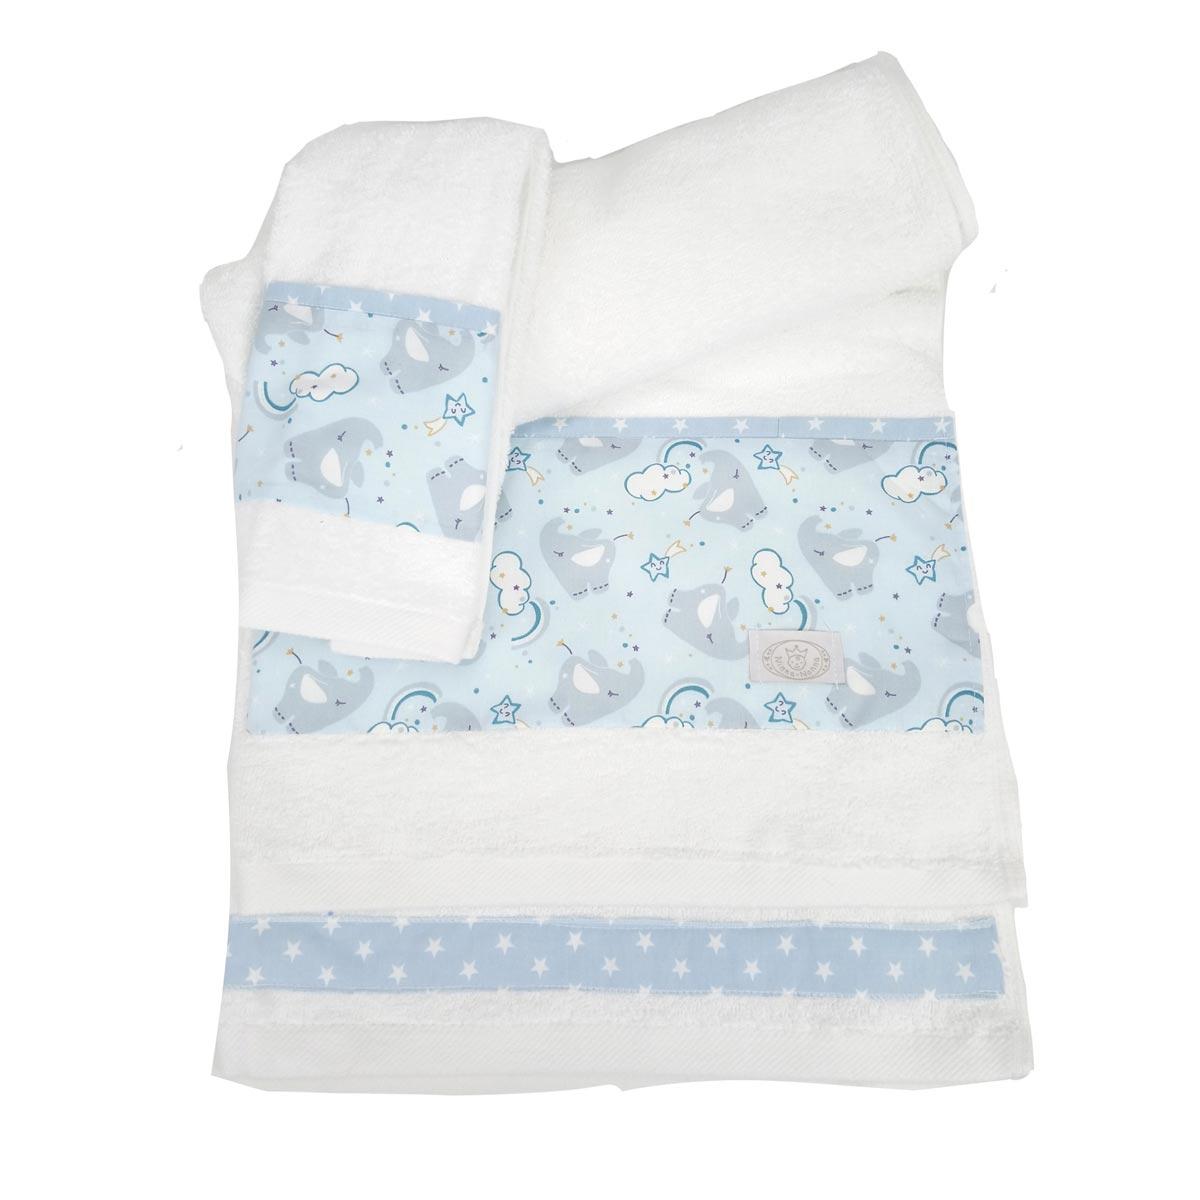 Βρεφικές Πετσέτες (Σετ 2τμχ) Ninna Nanna Blue Elephant